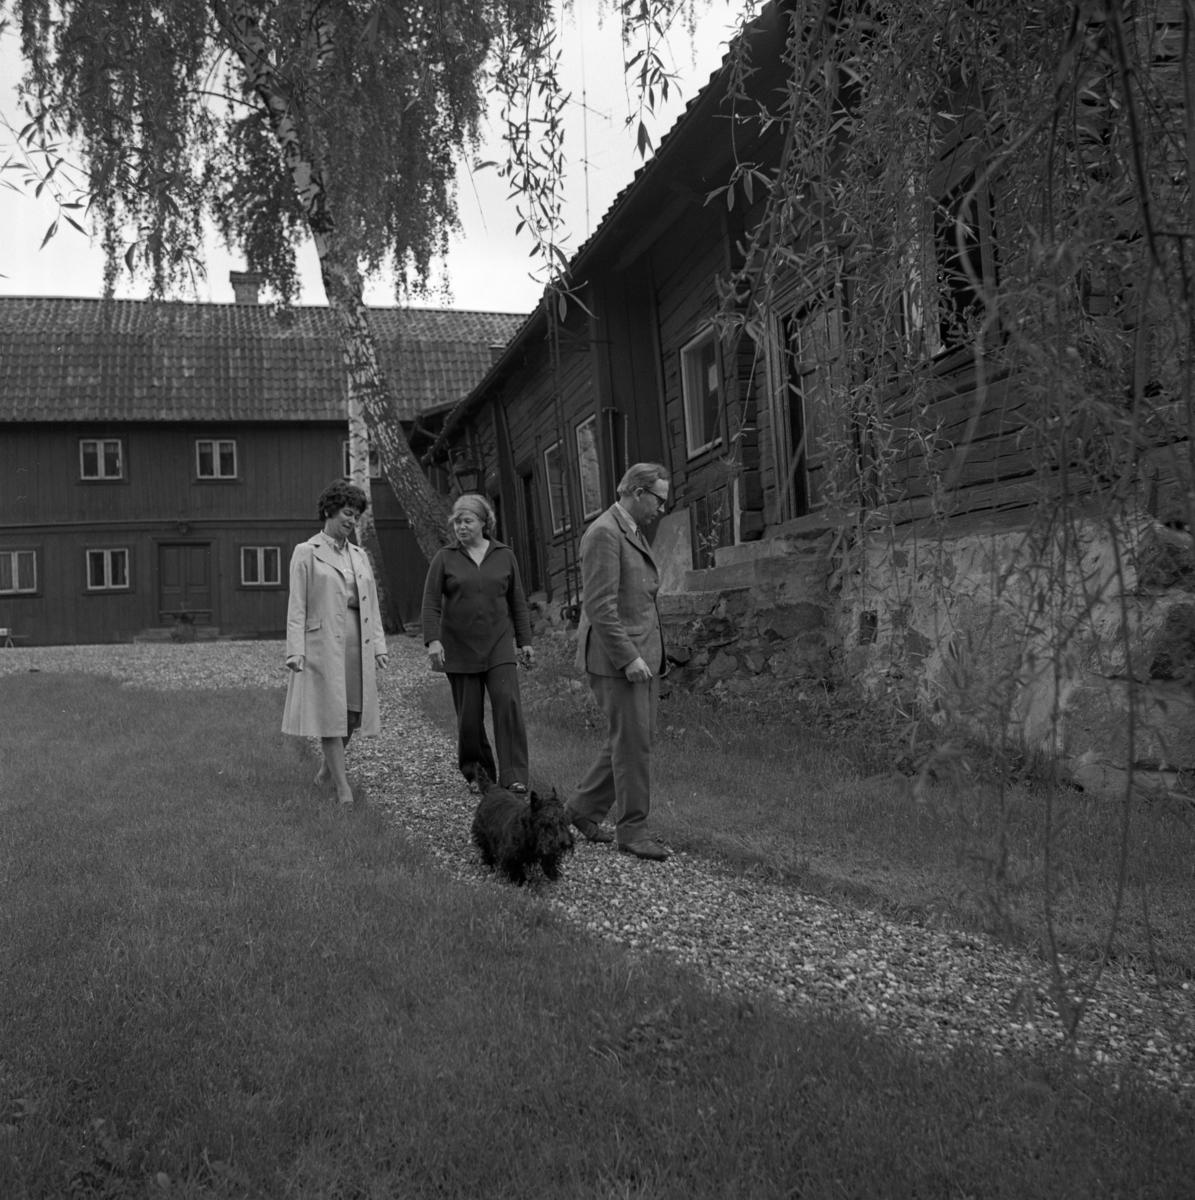 Ingegerd Stoltz, Britt Lundh (ägare av Crugska gården) och Bertil Stoltz i trädgården. Hunden Jack tillhör familjen Stoltz. Ågård.